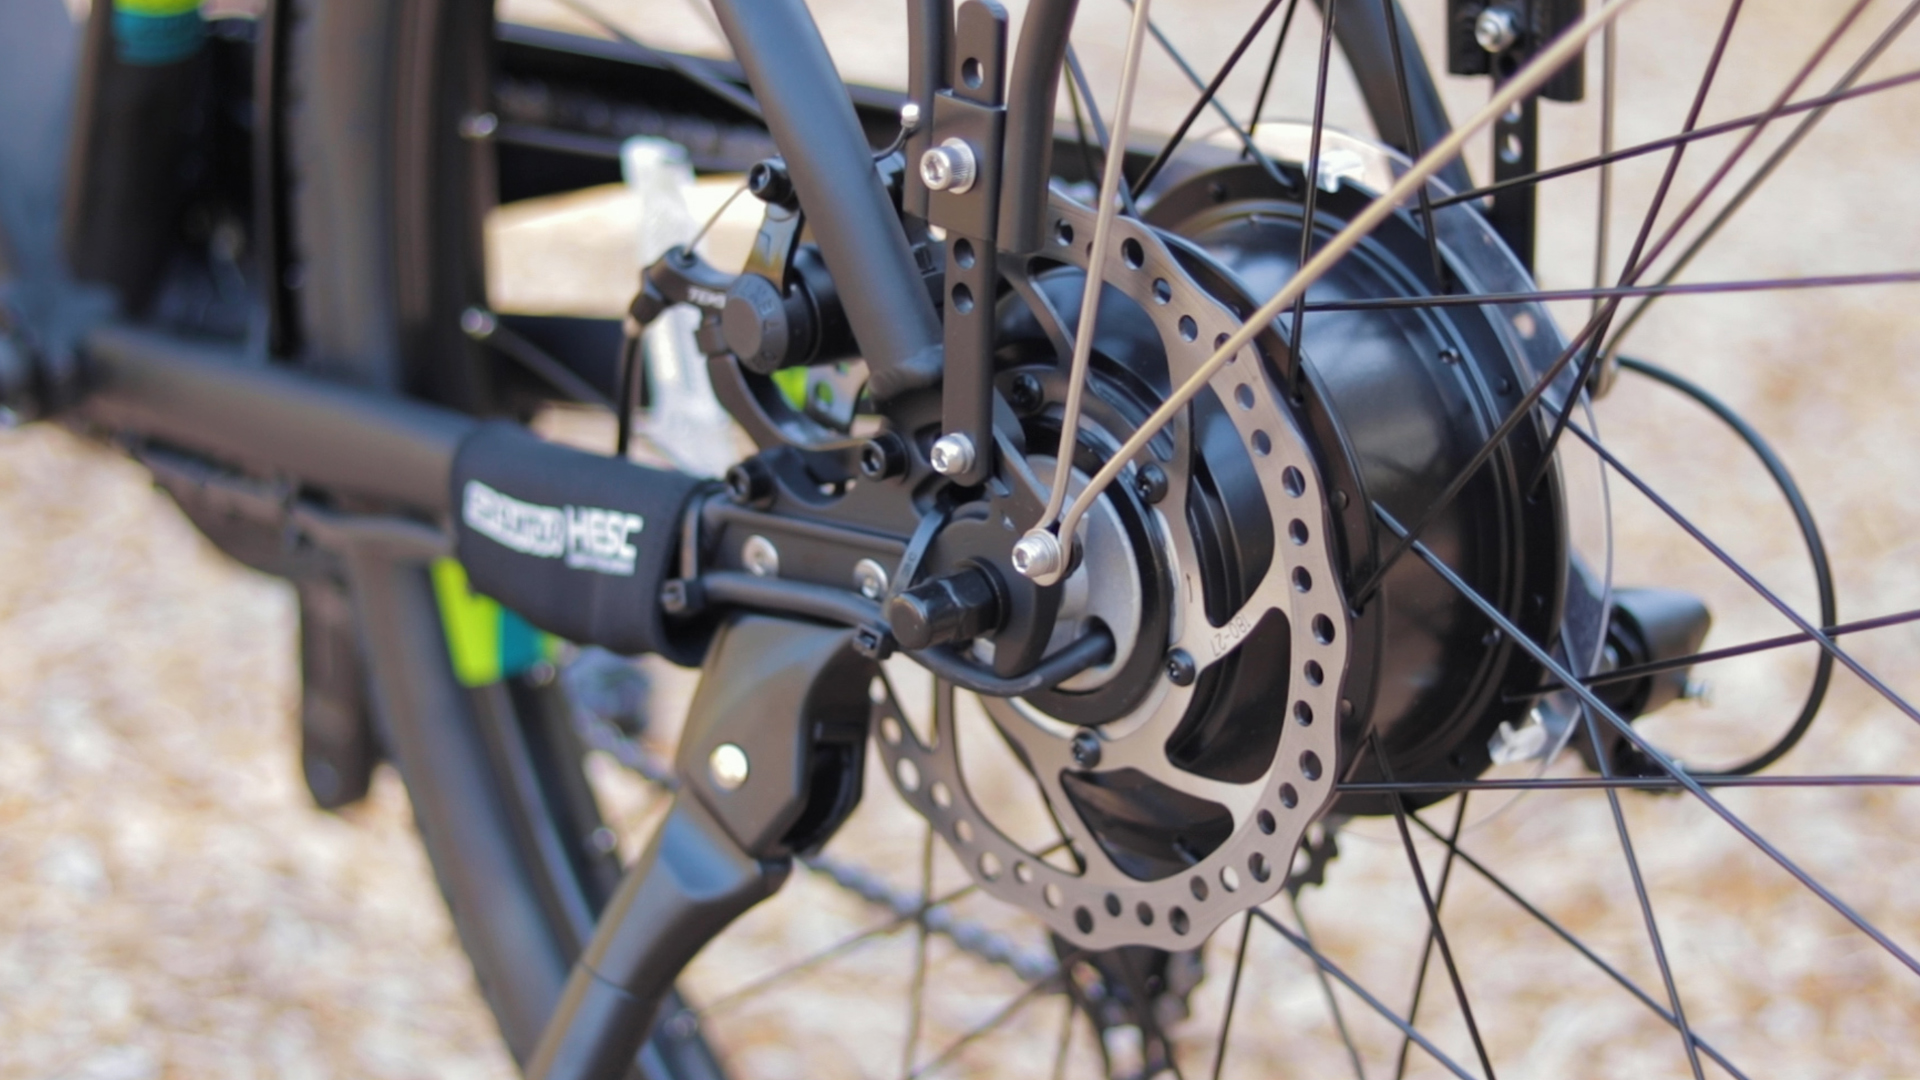 electrified-reviews-izip-e3-brio-electric-bike-review-shimano-hub-motor.jpg